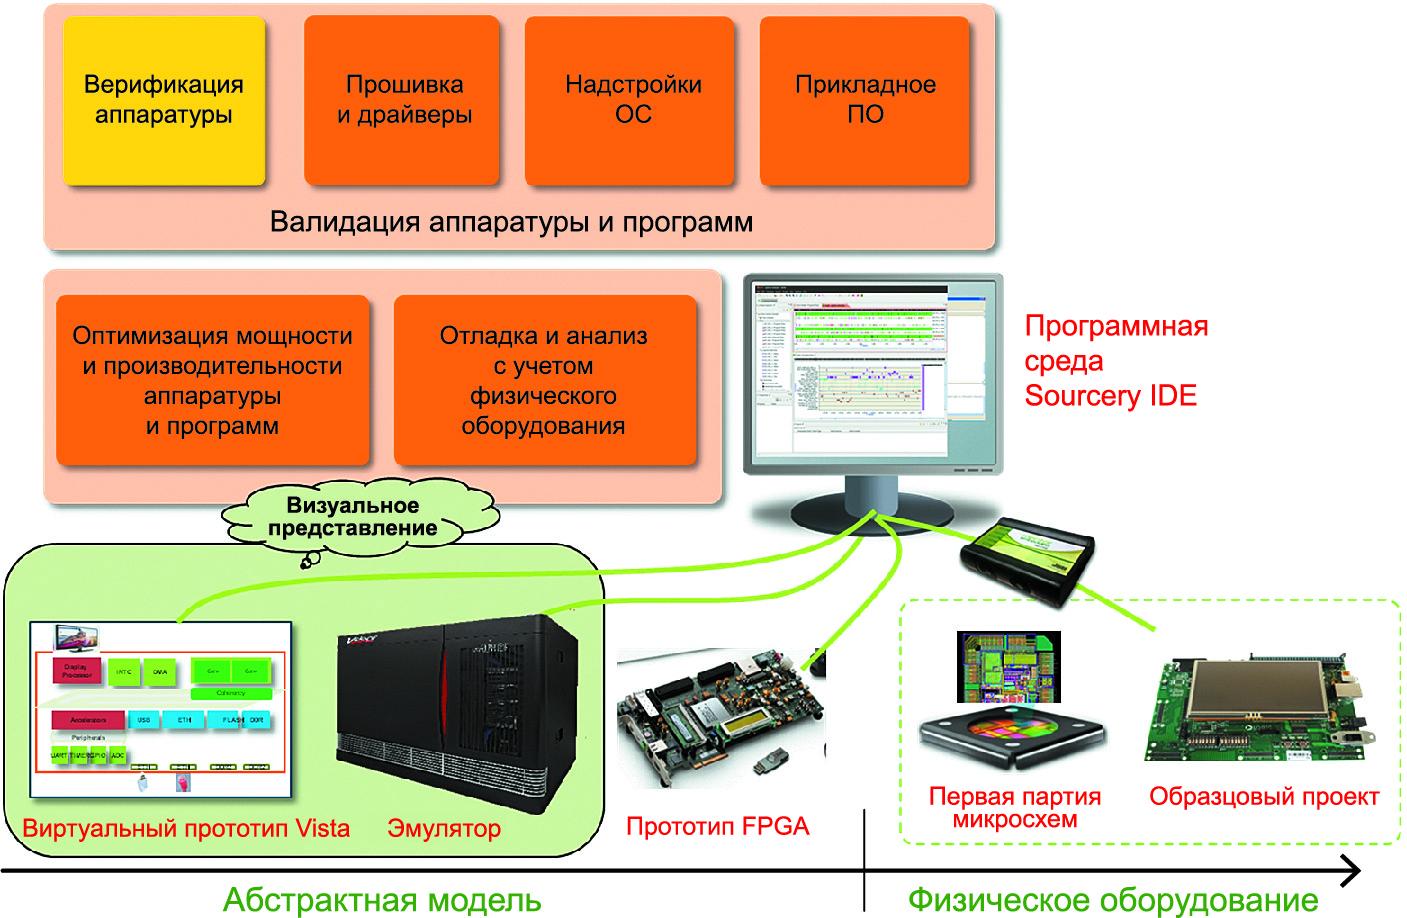 Унифицированная среда разработки ПО при переходе от виртуального к физическому оборудованию